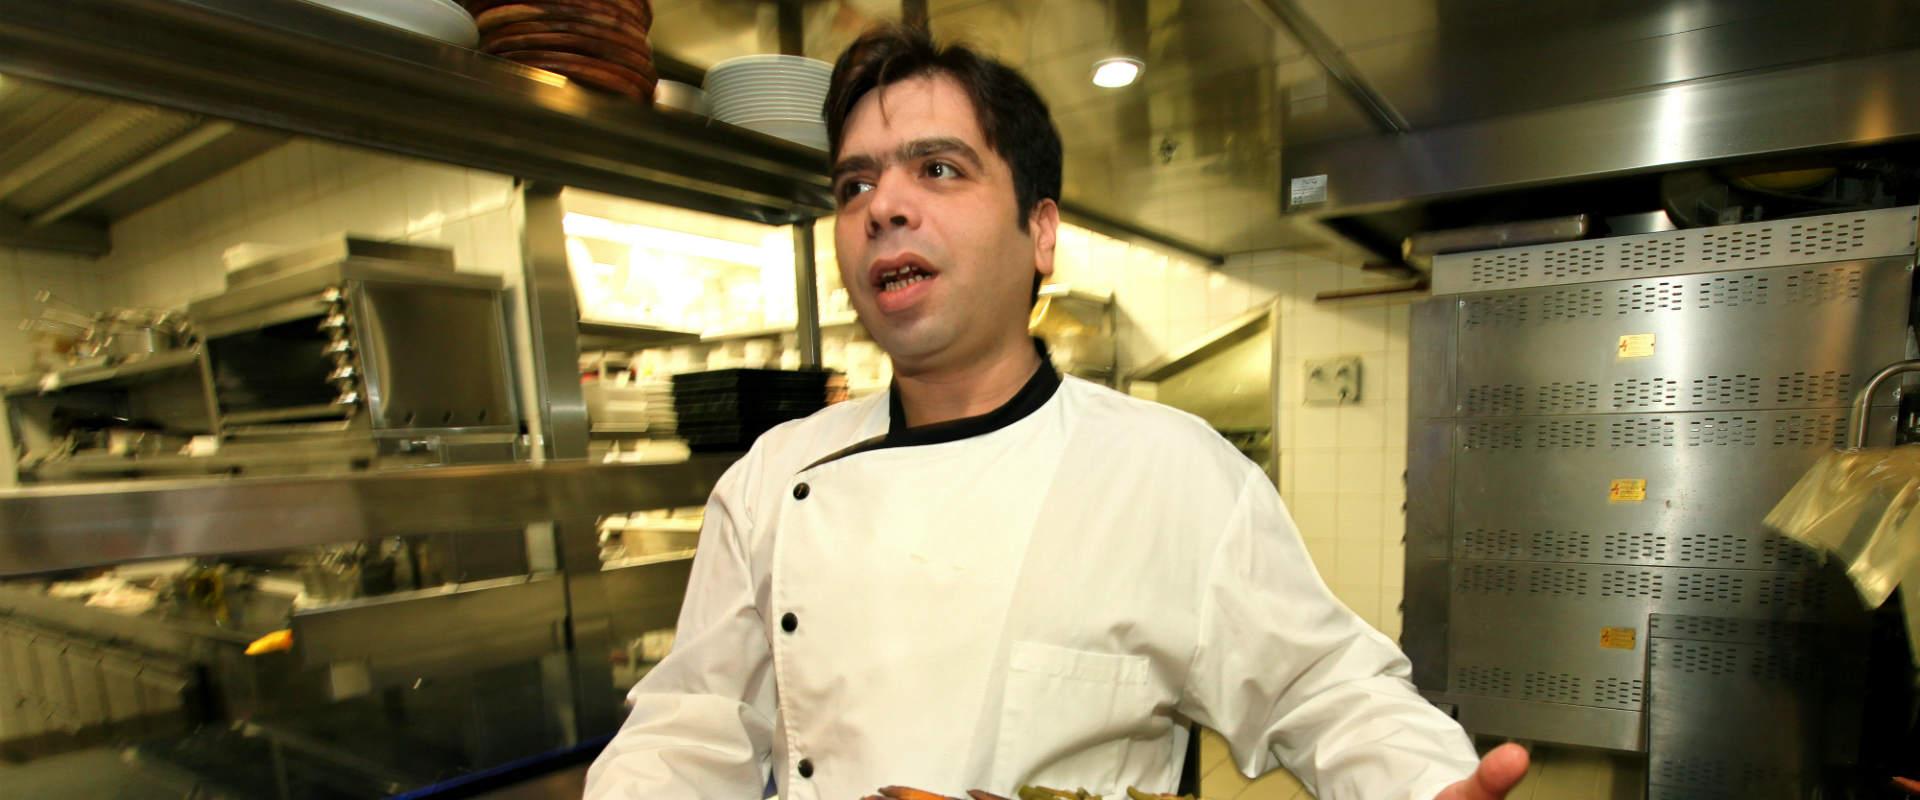 """רפי כהן במסעדת """"רפאל"""". ארכיון"""